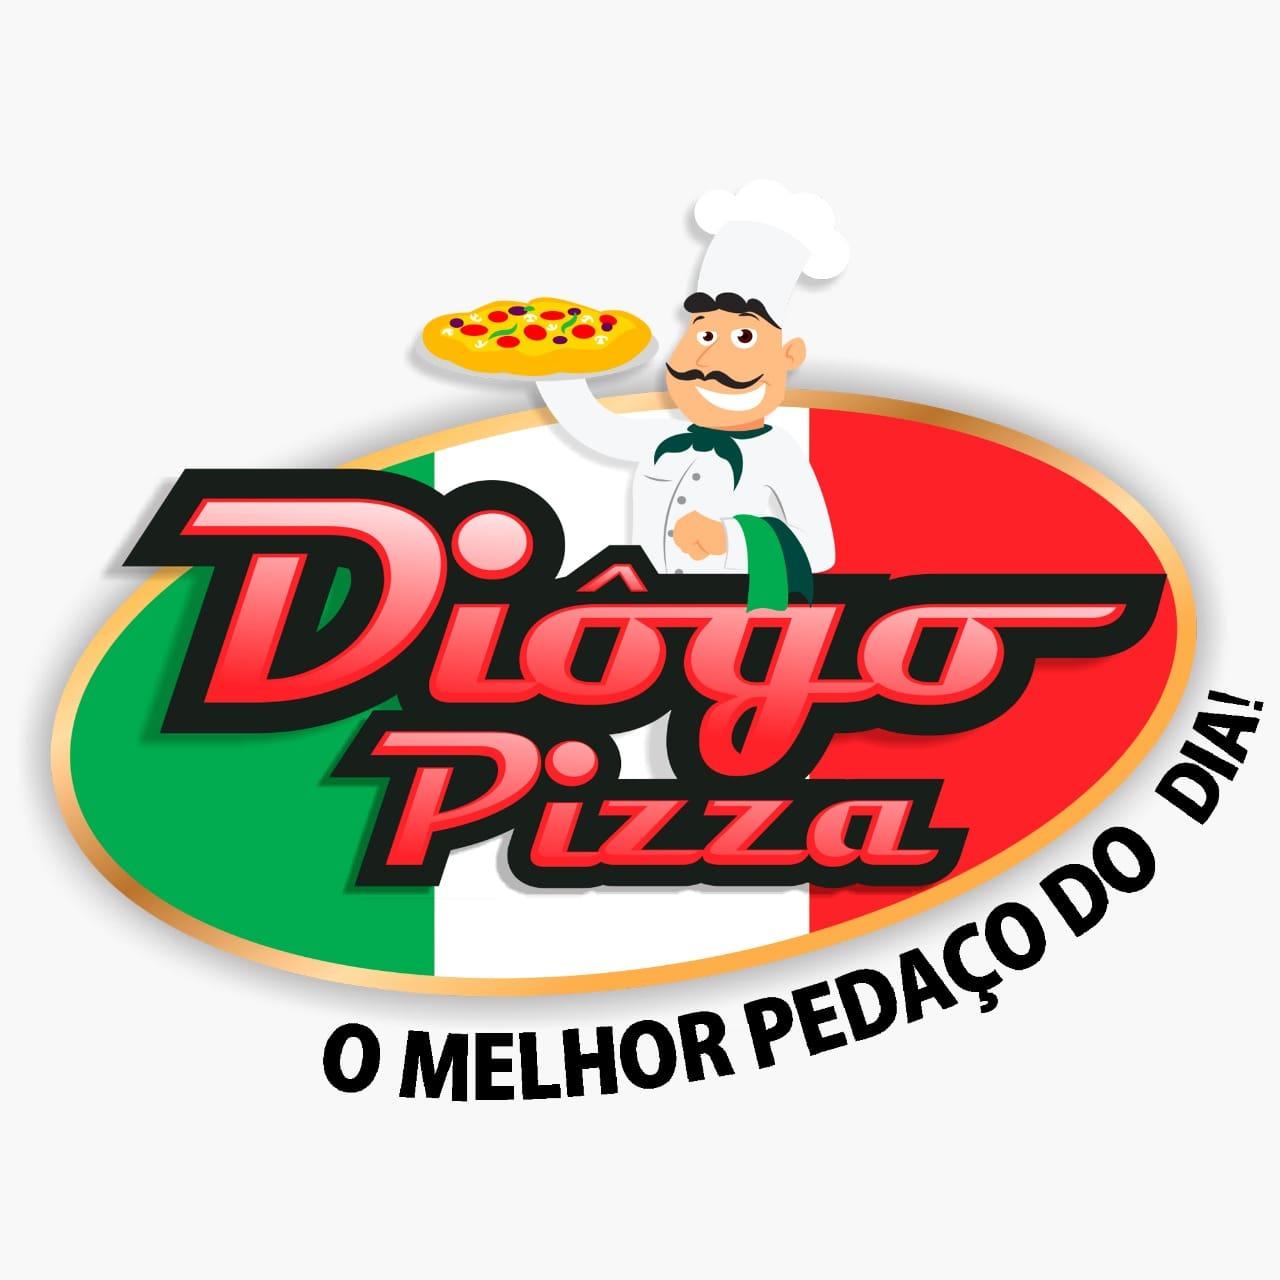 Diogo Pizza